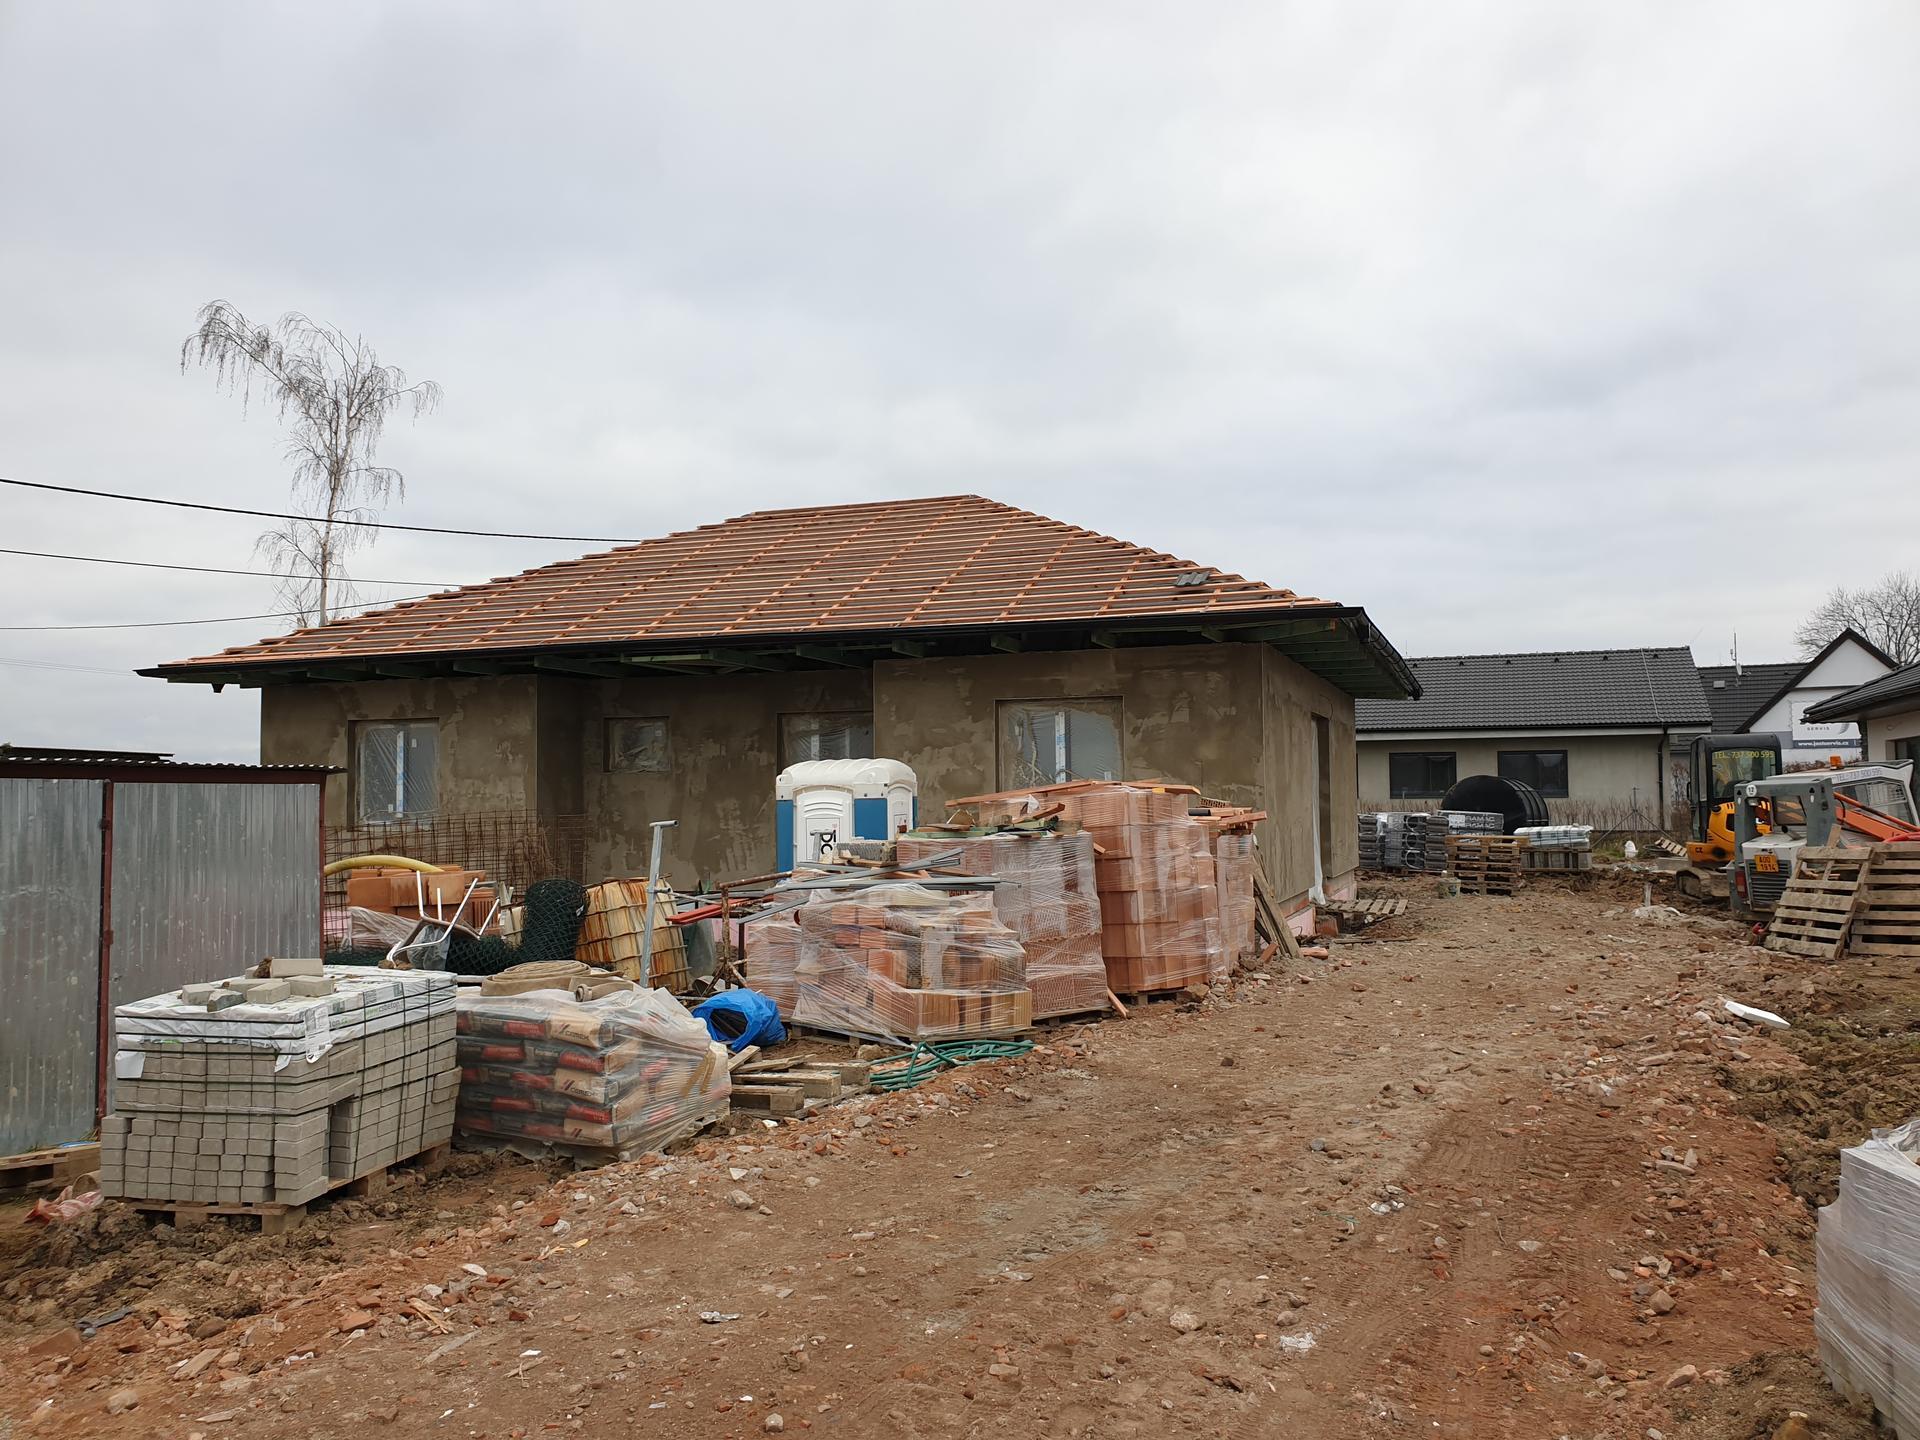 Stěhování na venkov - stavba - Obrázek č. 48